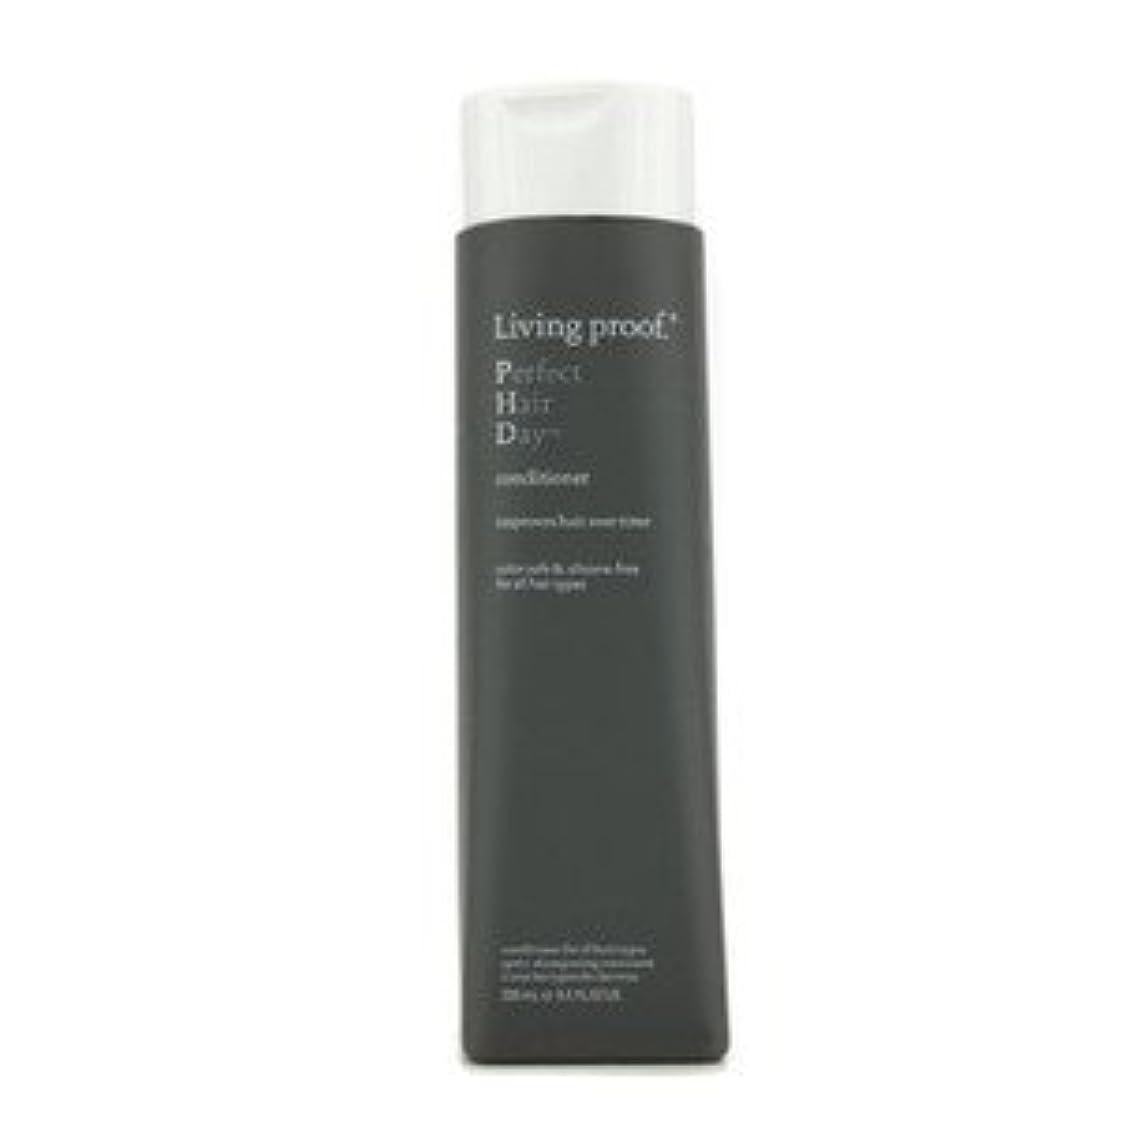 のみモナリザ効能Living Proof パーフェクト ヘア デイ コンディショナー(For All Hair Types) 236ml/8oz [並行輸入品]